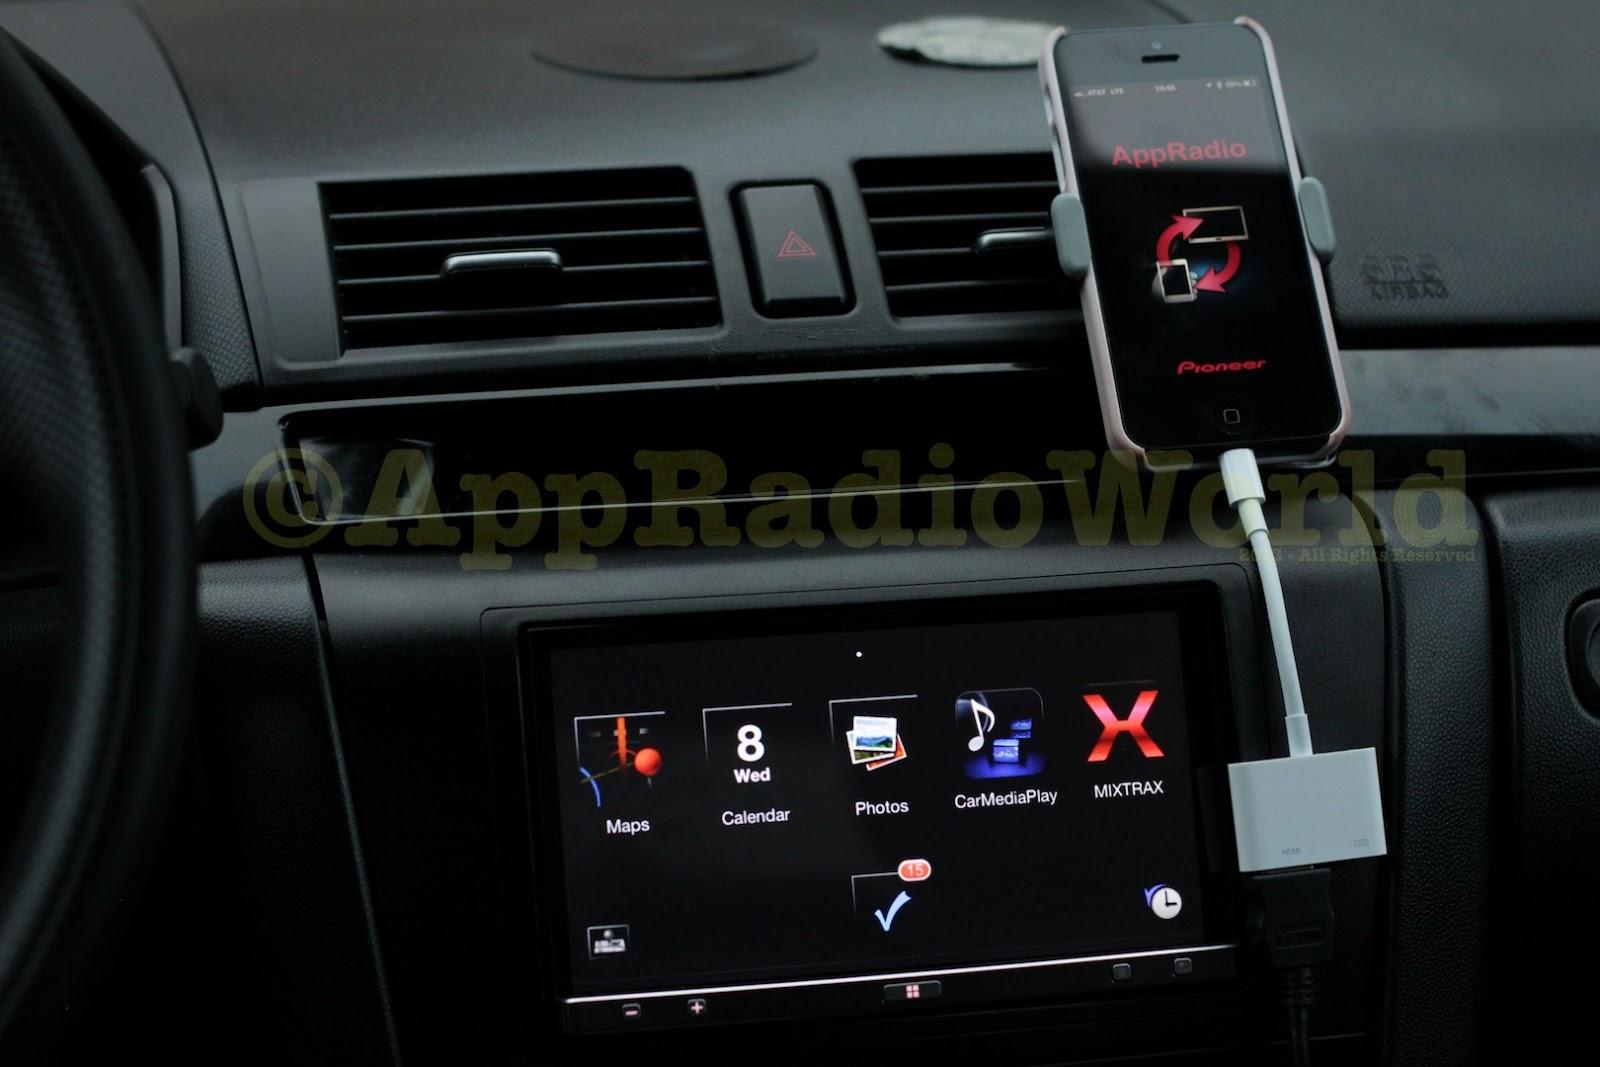 Hyundai Sonata Stereo Wiring Diagram Speakers Will 2011 Aftermarket 2002 Car Color Codes Repair Diagrams 2004